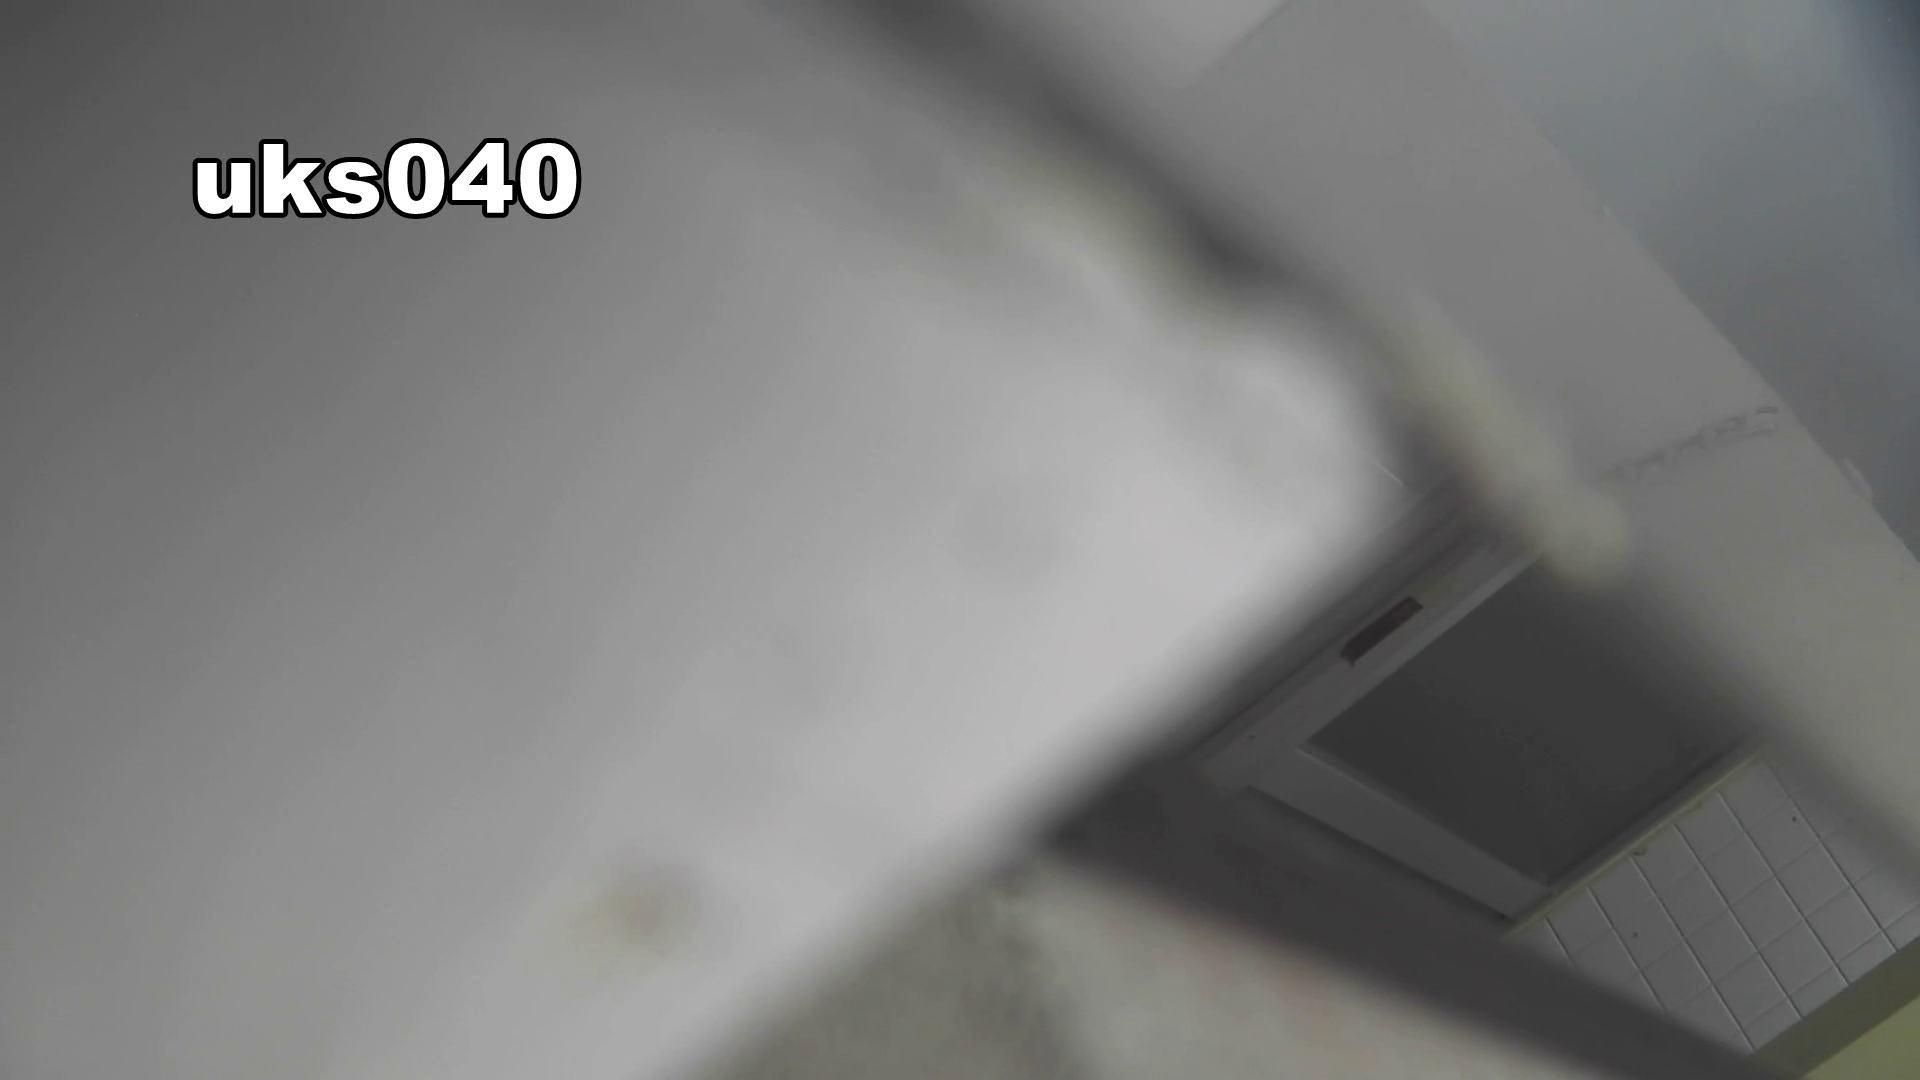 【美しき個室な世界】 vol.040 出て行かれる時の清楚姿撮り 高評価   高画質  112枚 85